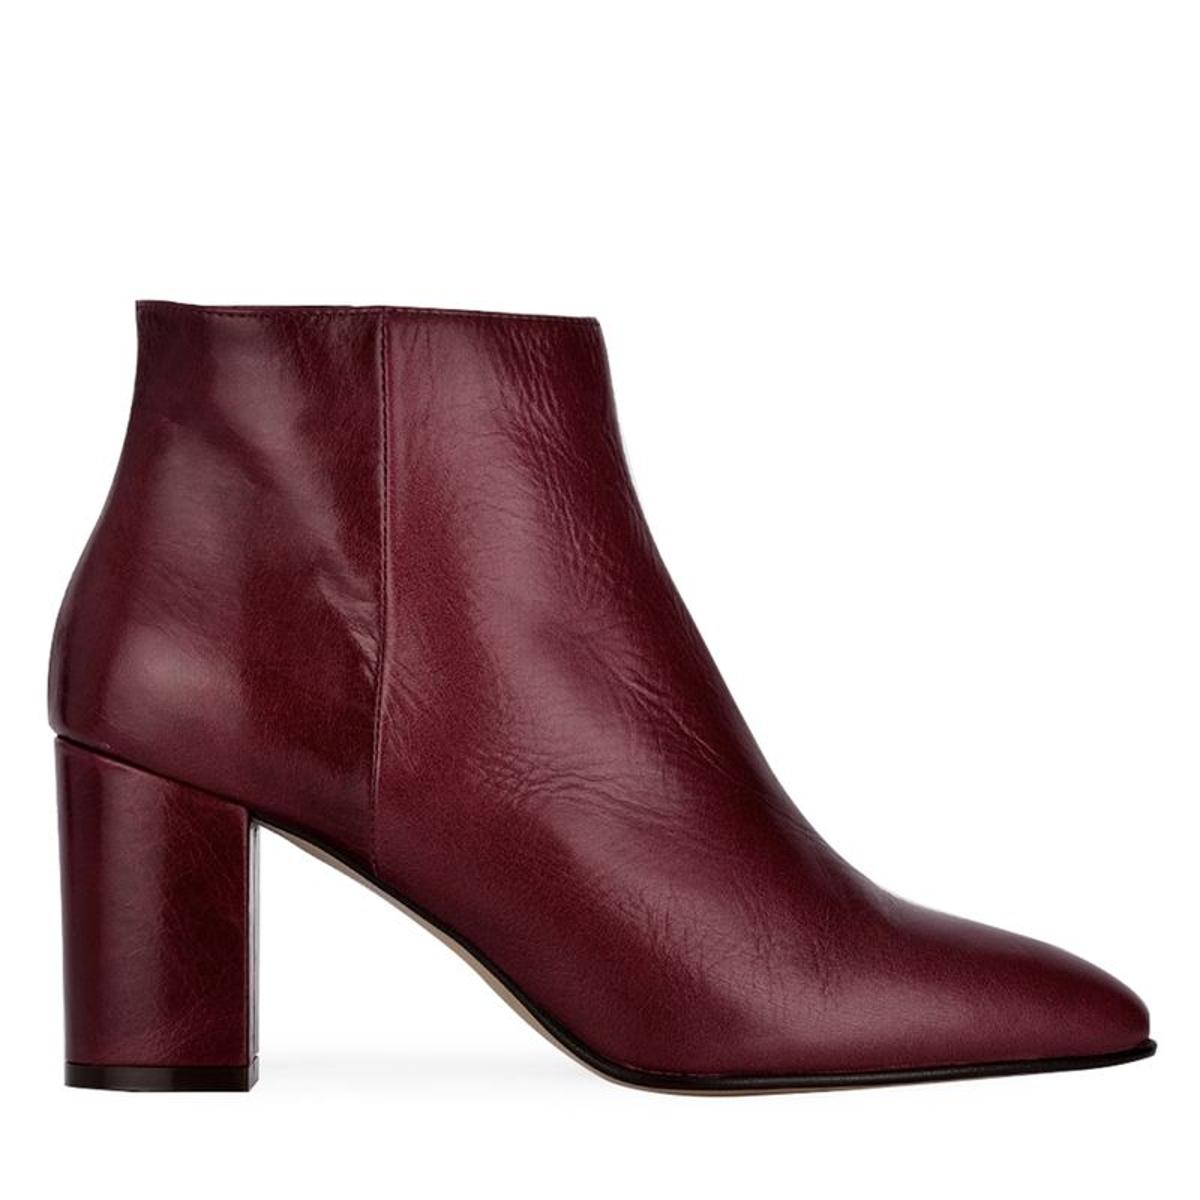 Nan ankle boot ZS